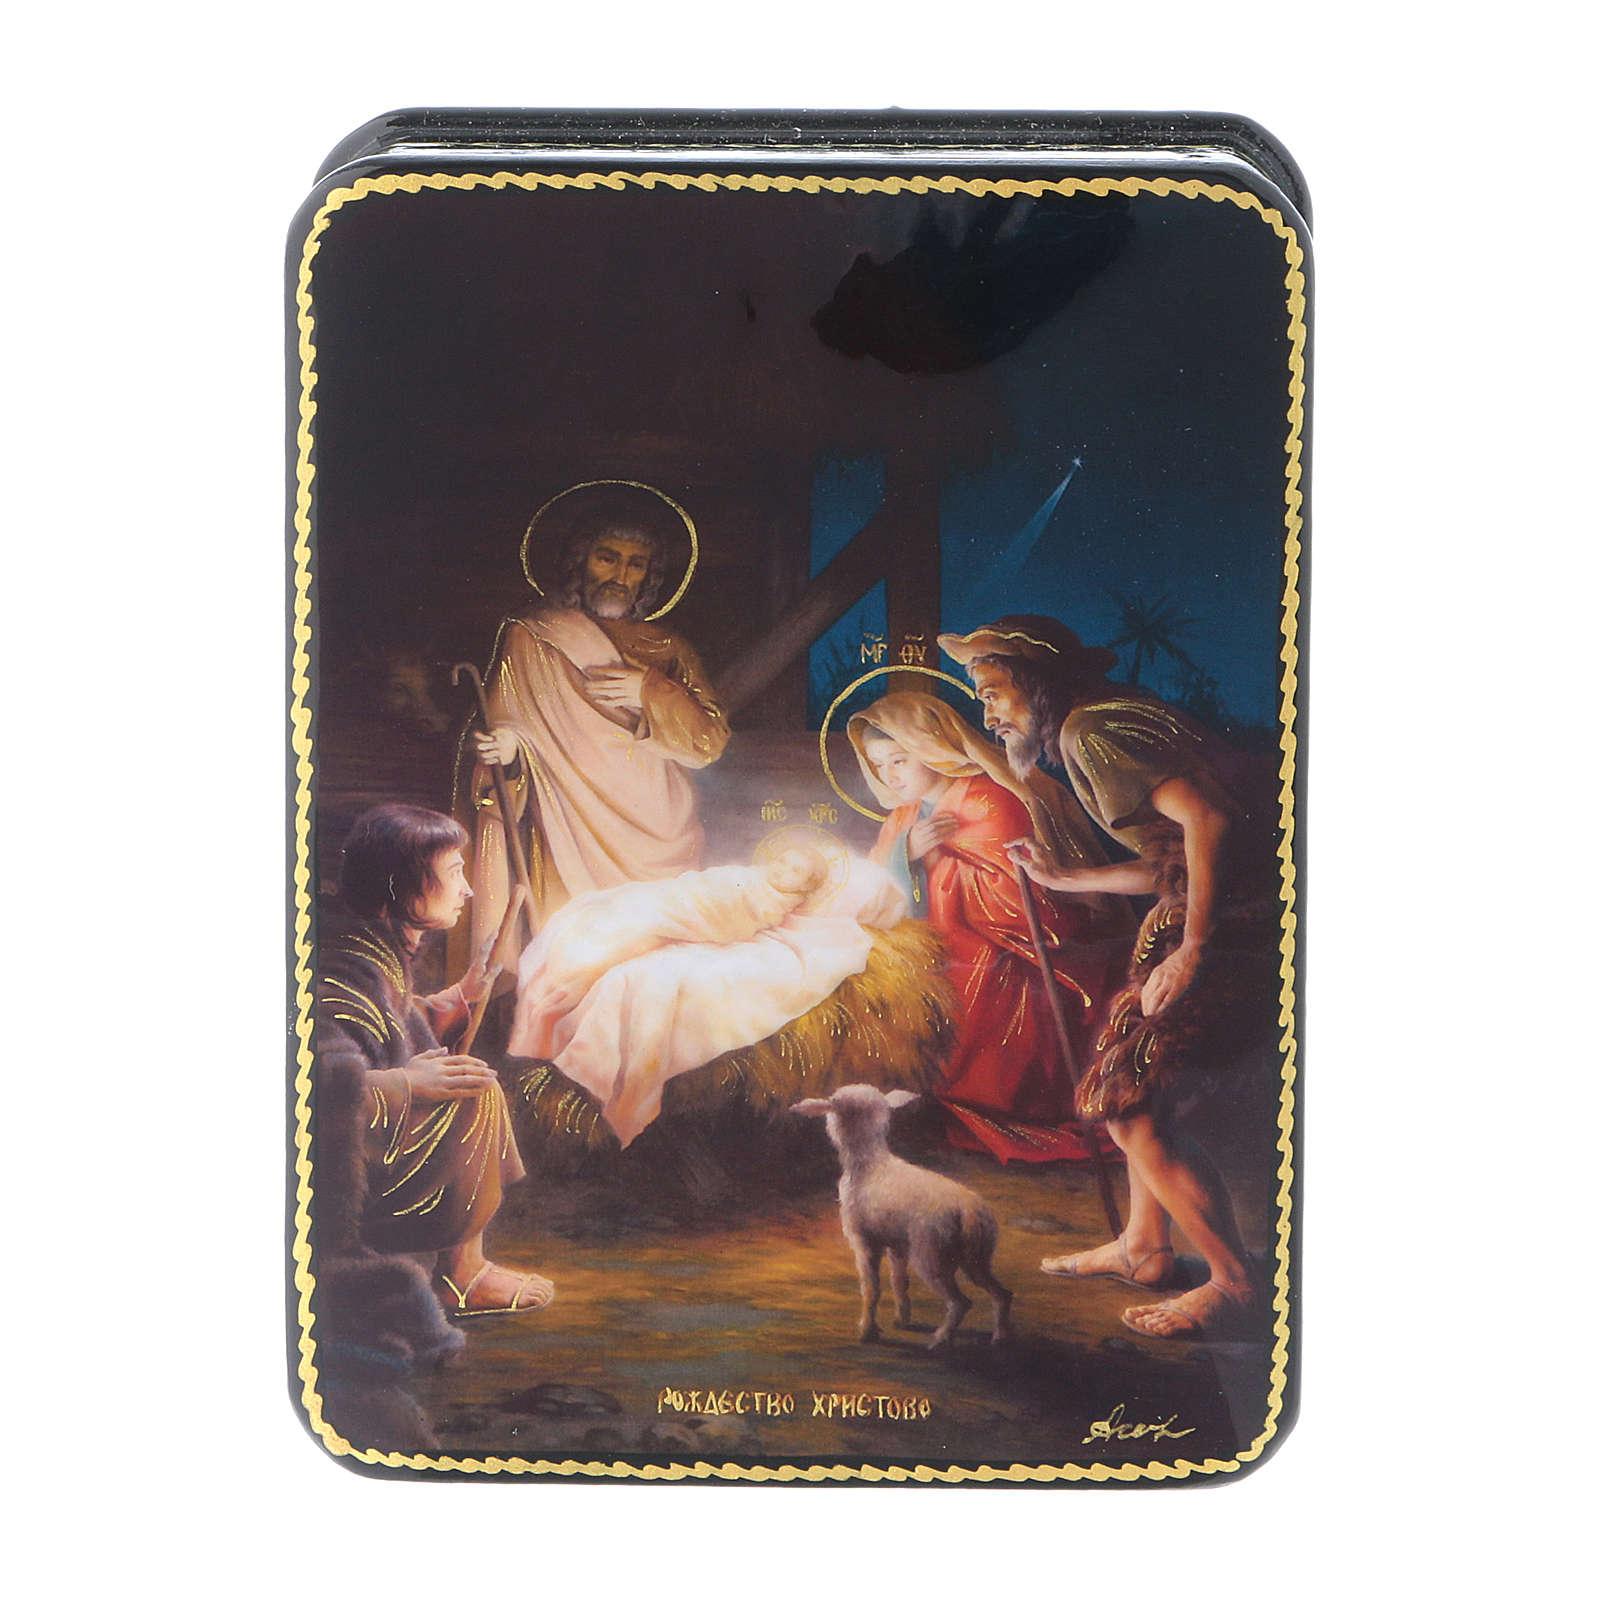 Scatola russa cartapesta Nascita di Gesù Cristo Fedoskino style 11x8 4